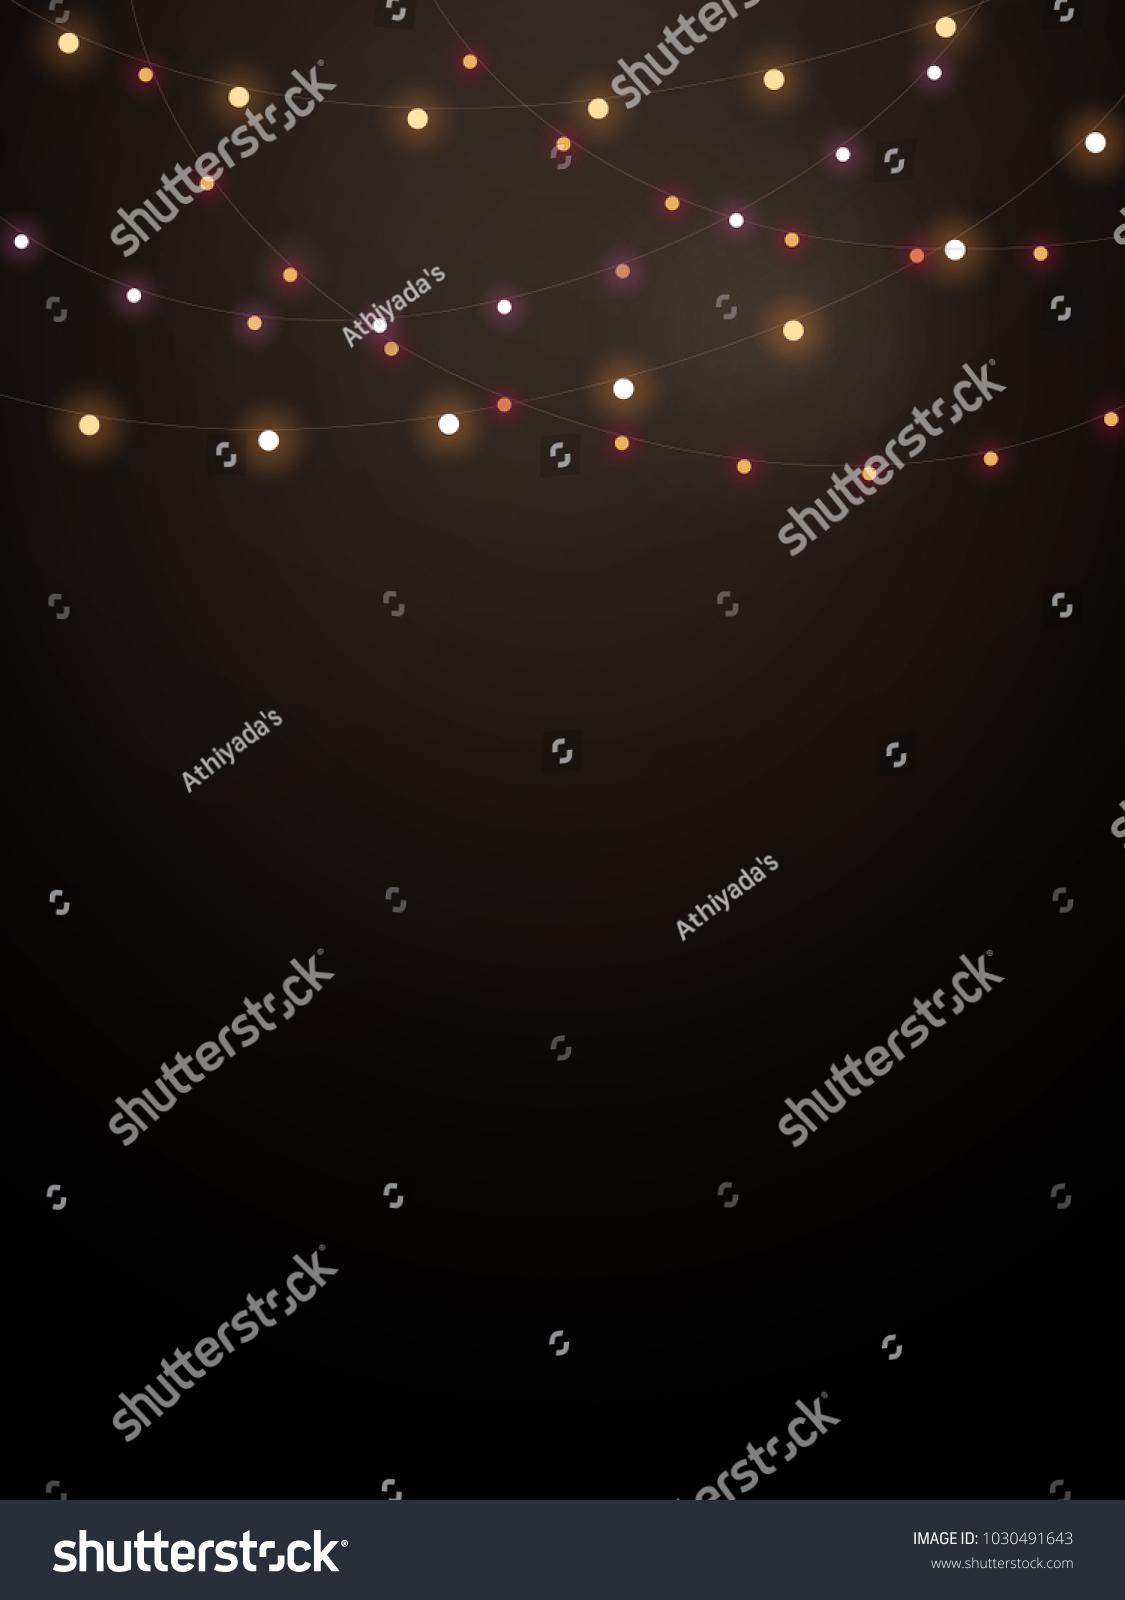 String Lights On Black Background